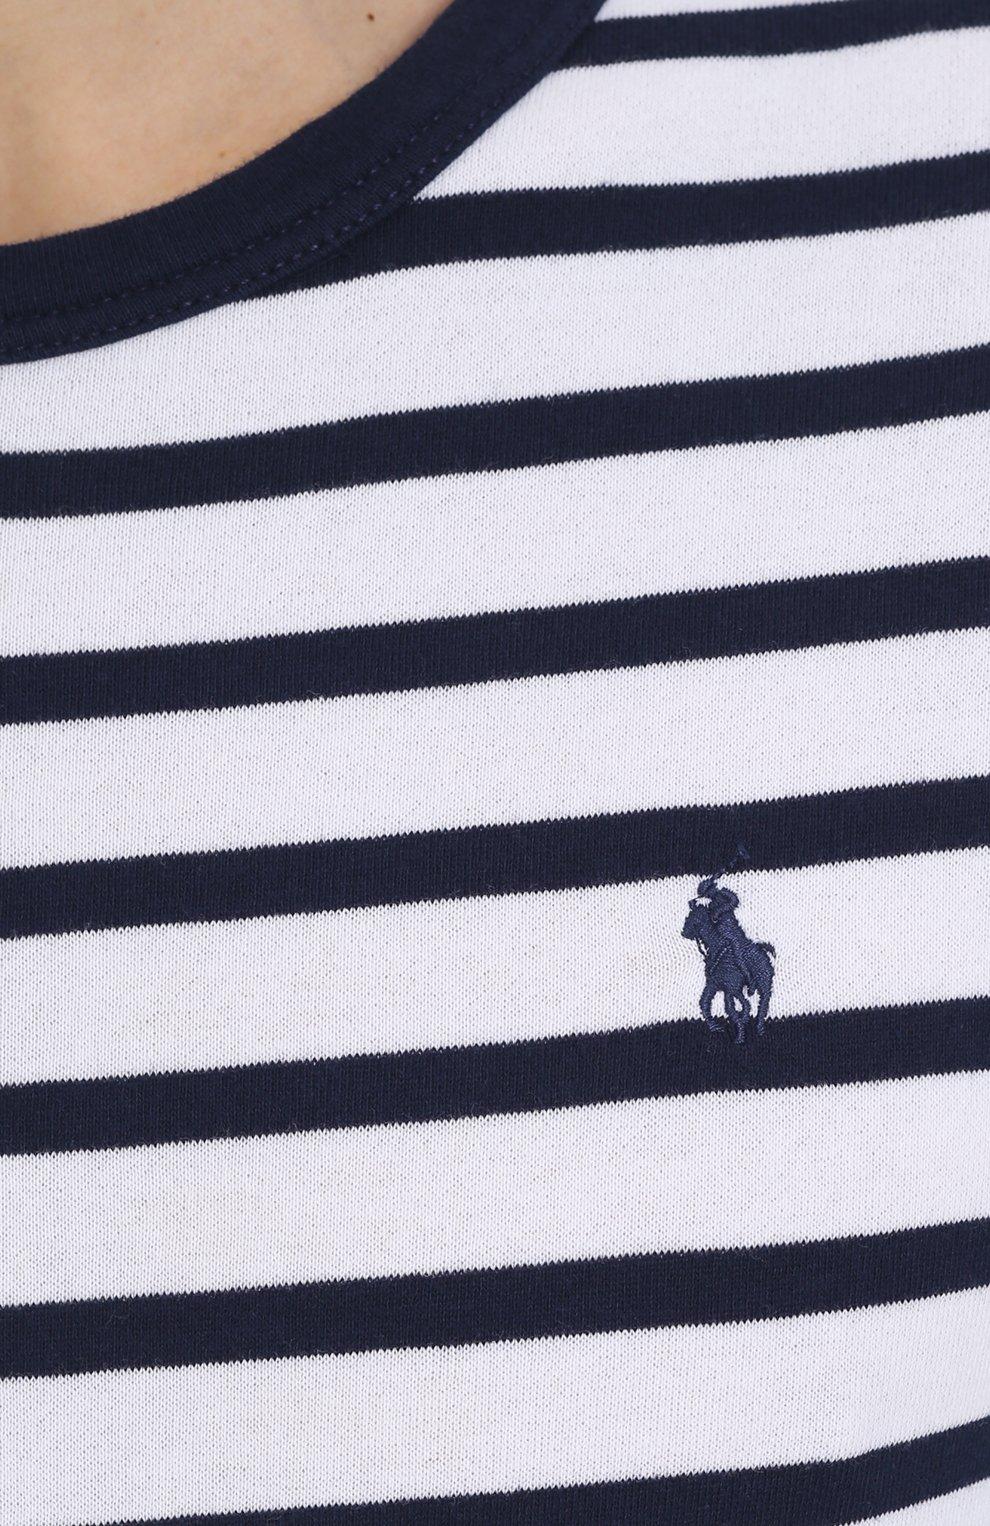 Хлопковый джемпер в контрастную полоску | Фото №5